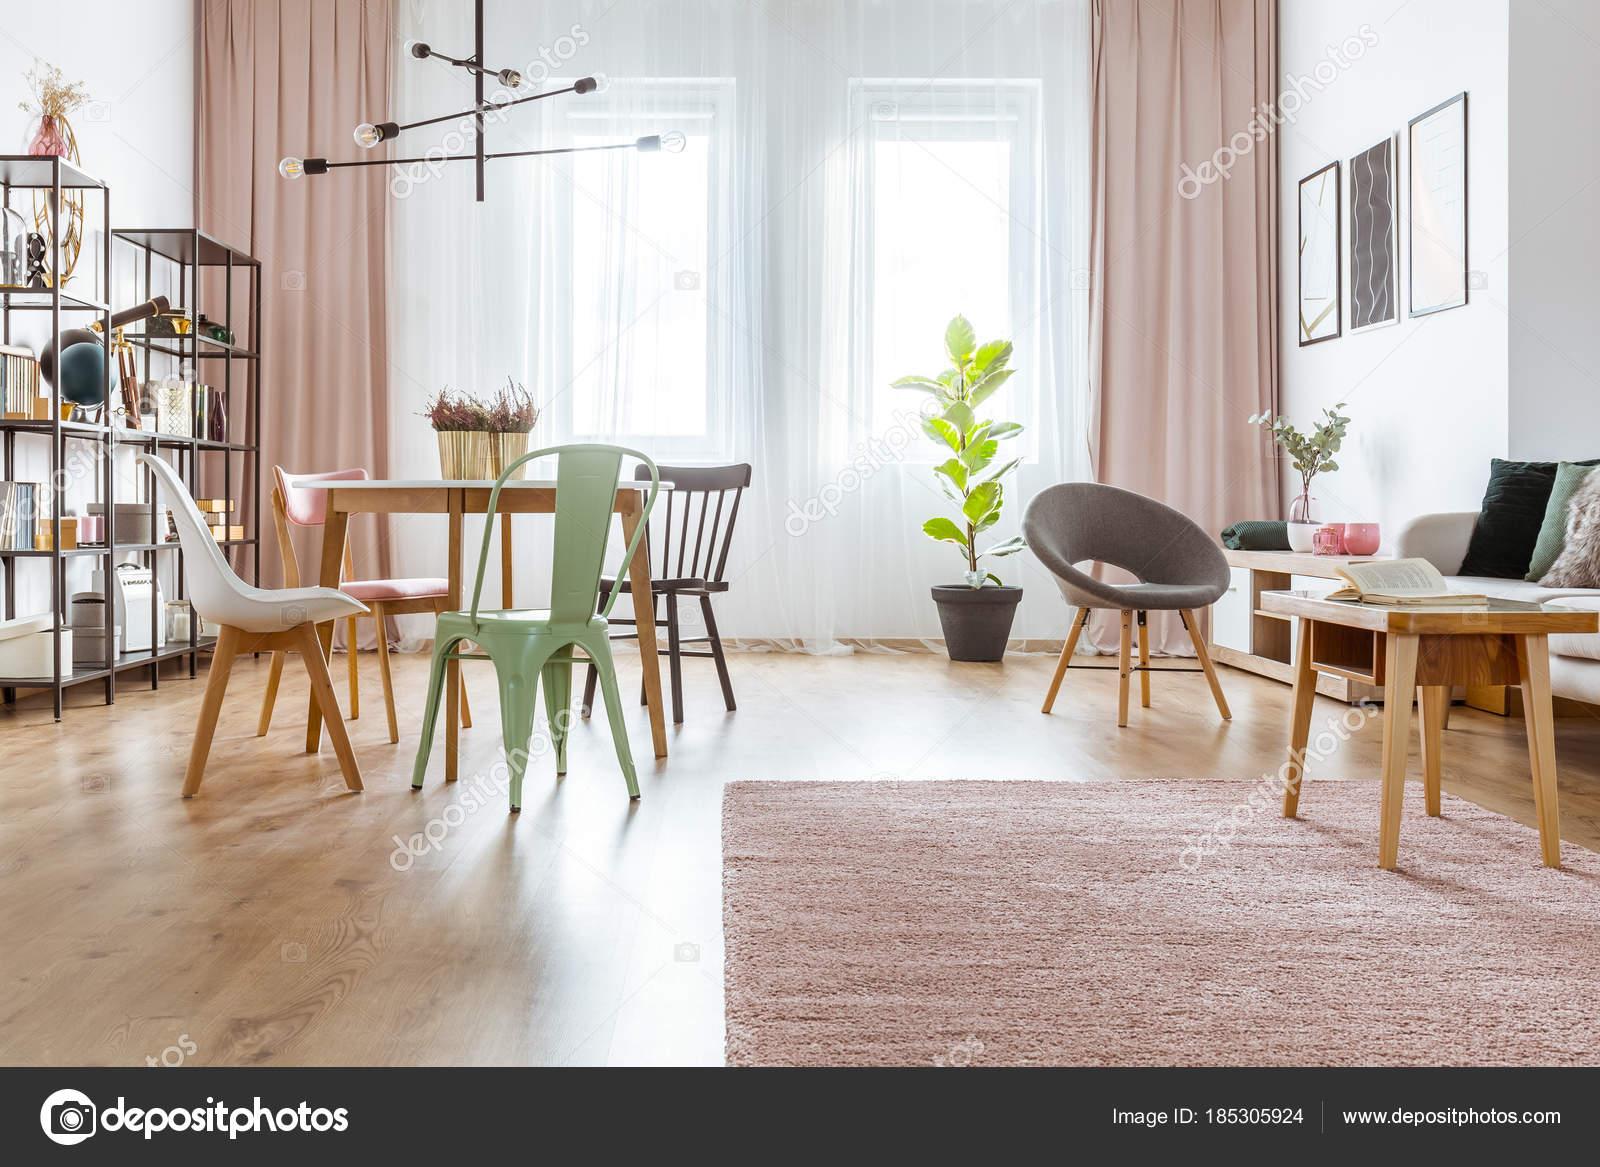 houten tafel roze deken en mint en grijze stoel in ruime interieur met gordijnen en plant foto van photographeeeu